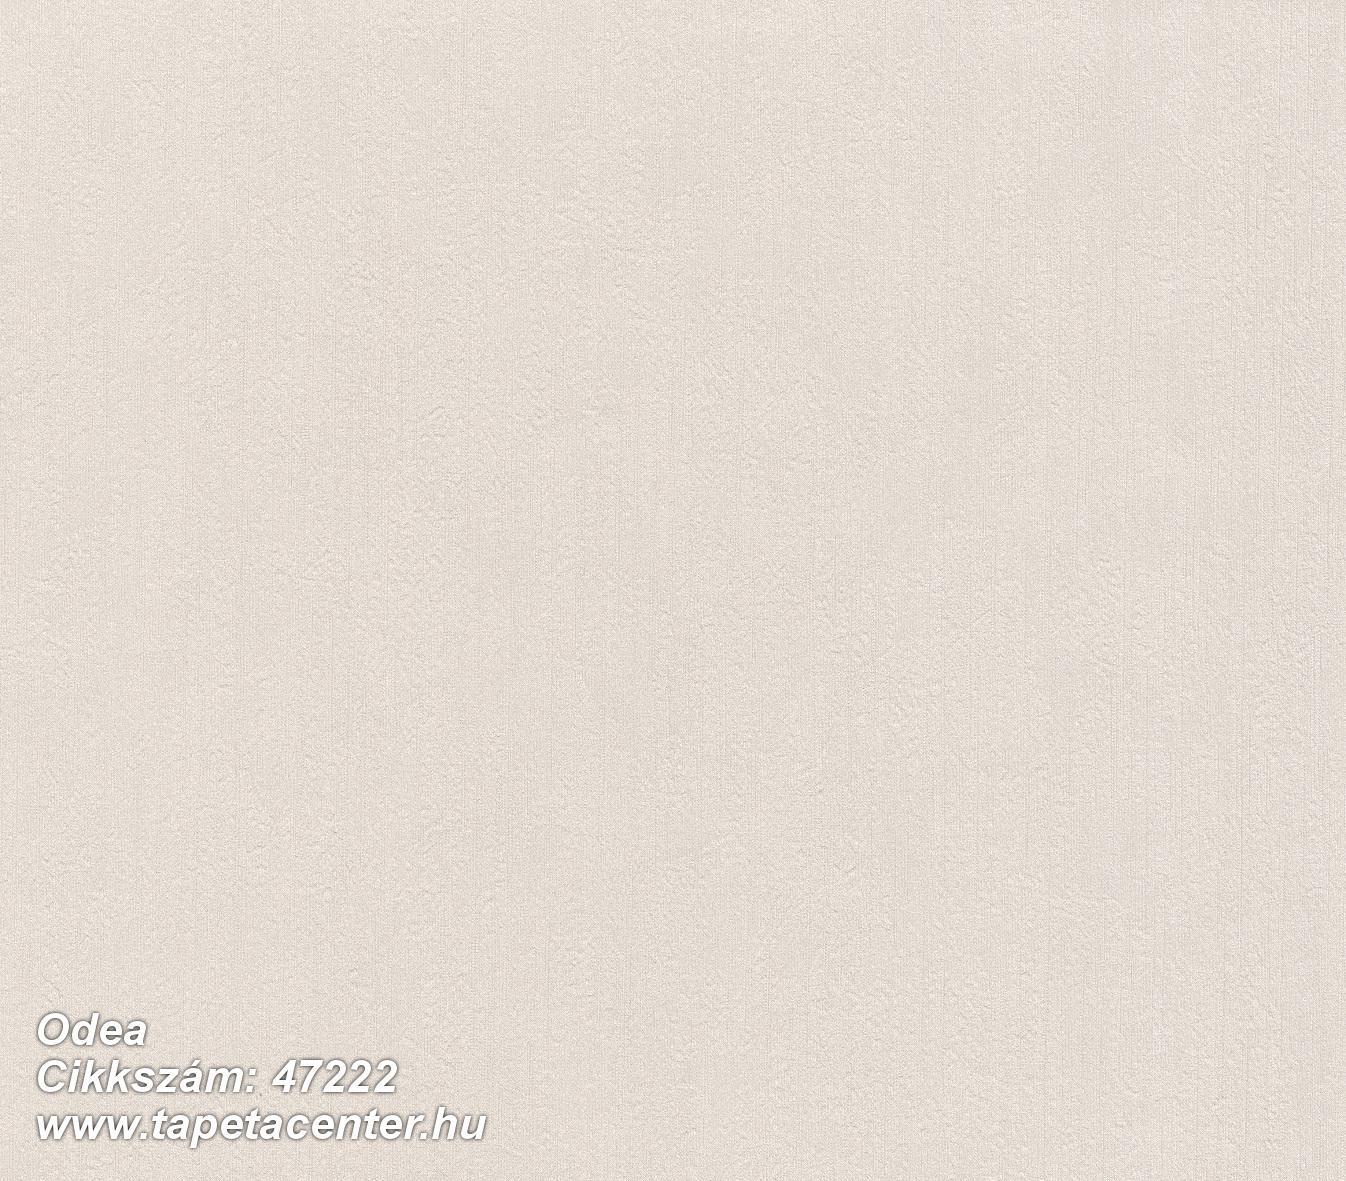 Odea - 47222 Olasz tapéta